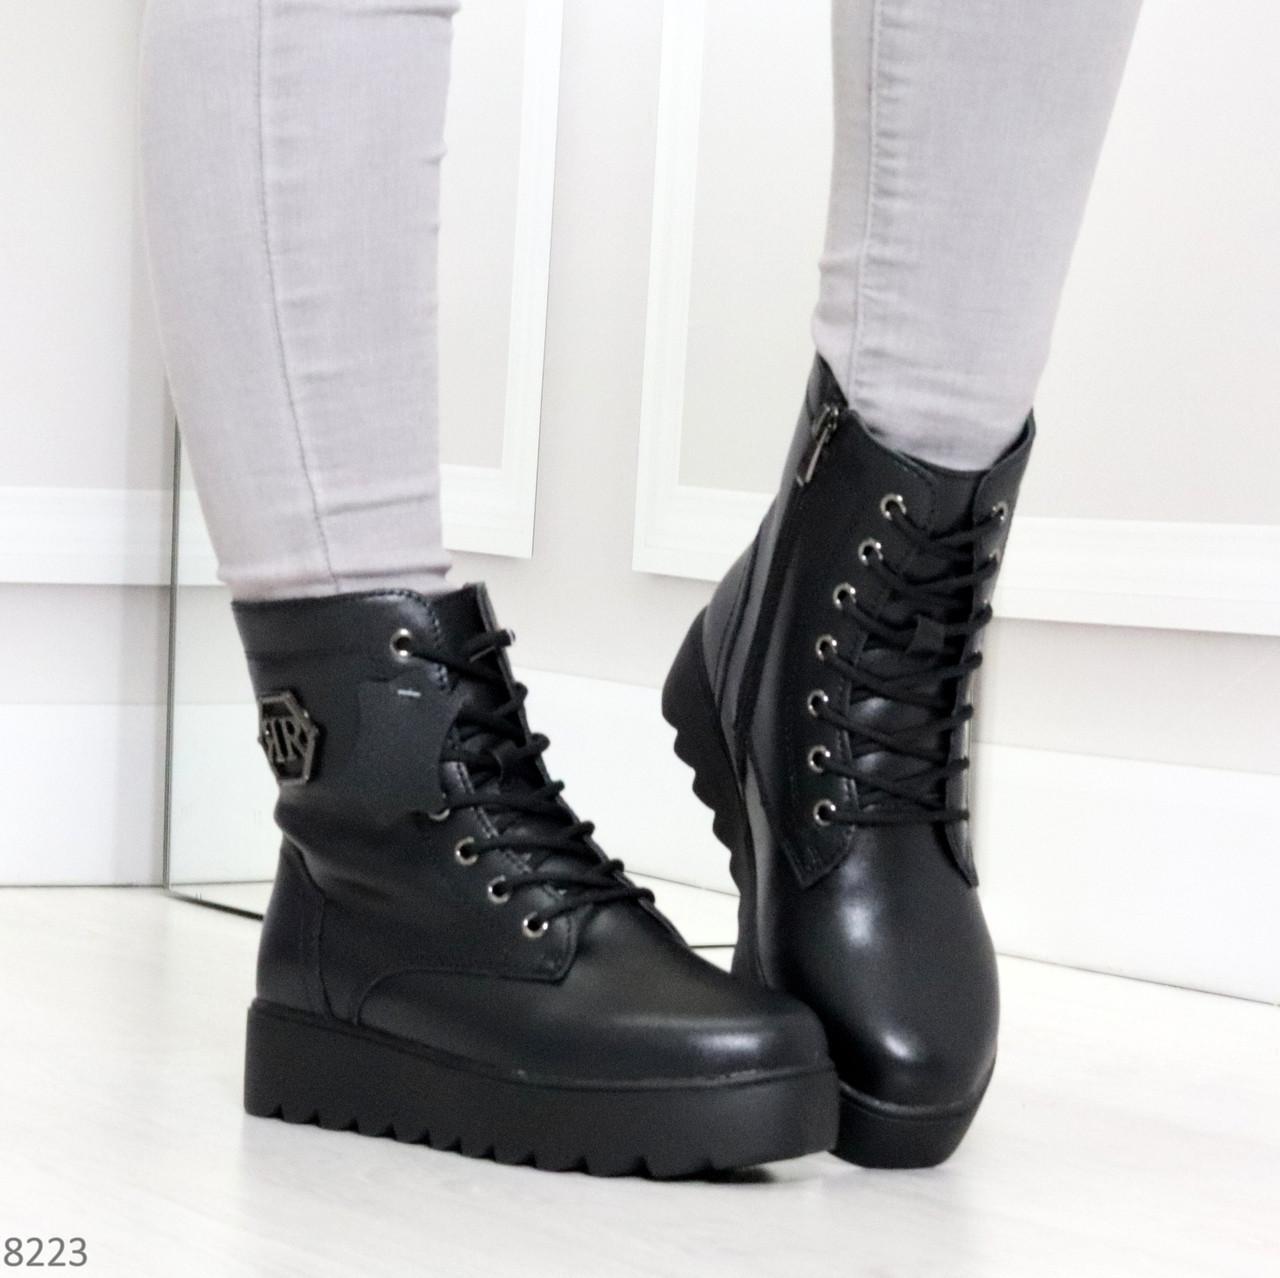 Удобные черные женские зимние ботинки из натуральной кожи на шнуровке 39-25см